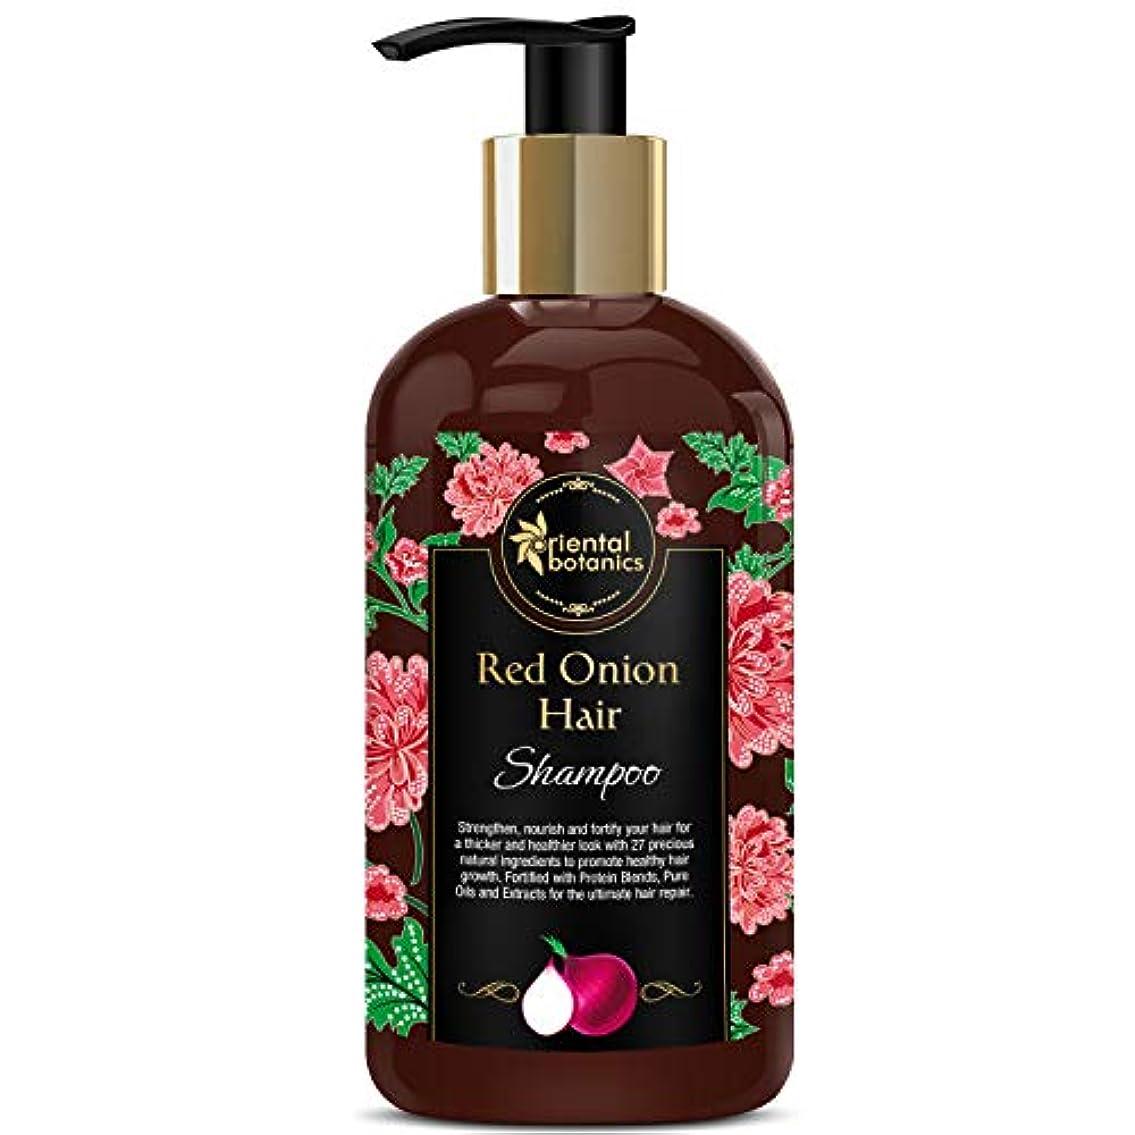 言語学多数のサンダースOriental Botanics Red Onion Hair Growth Shampoo, 300ml - With 27 Hair Boosters Controls Hair Loss & Promotes Healthy...